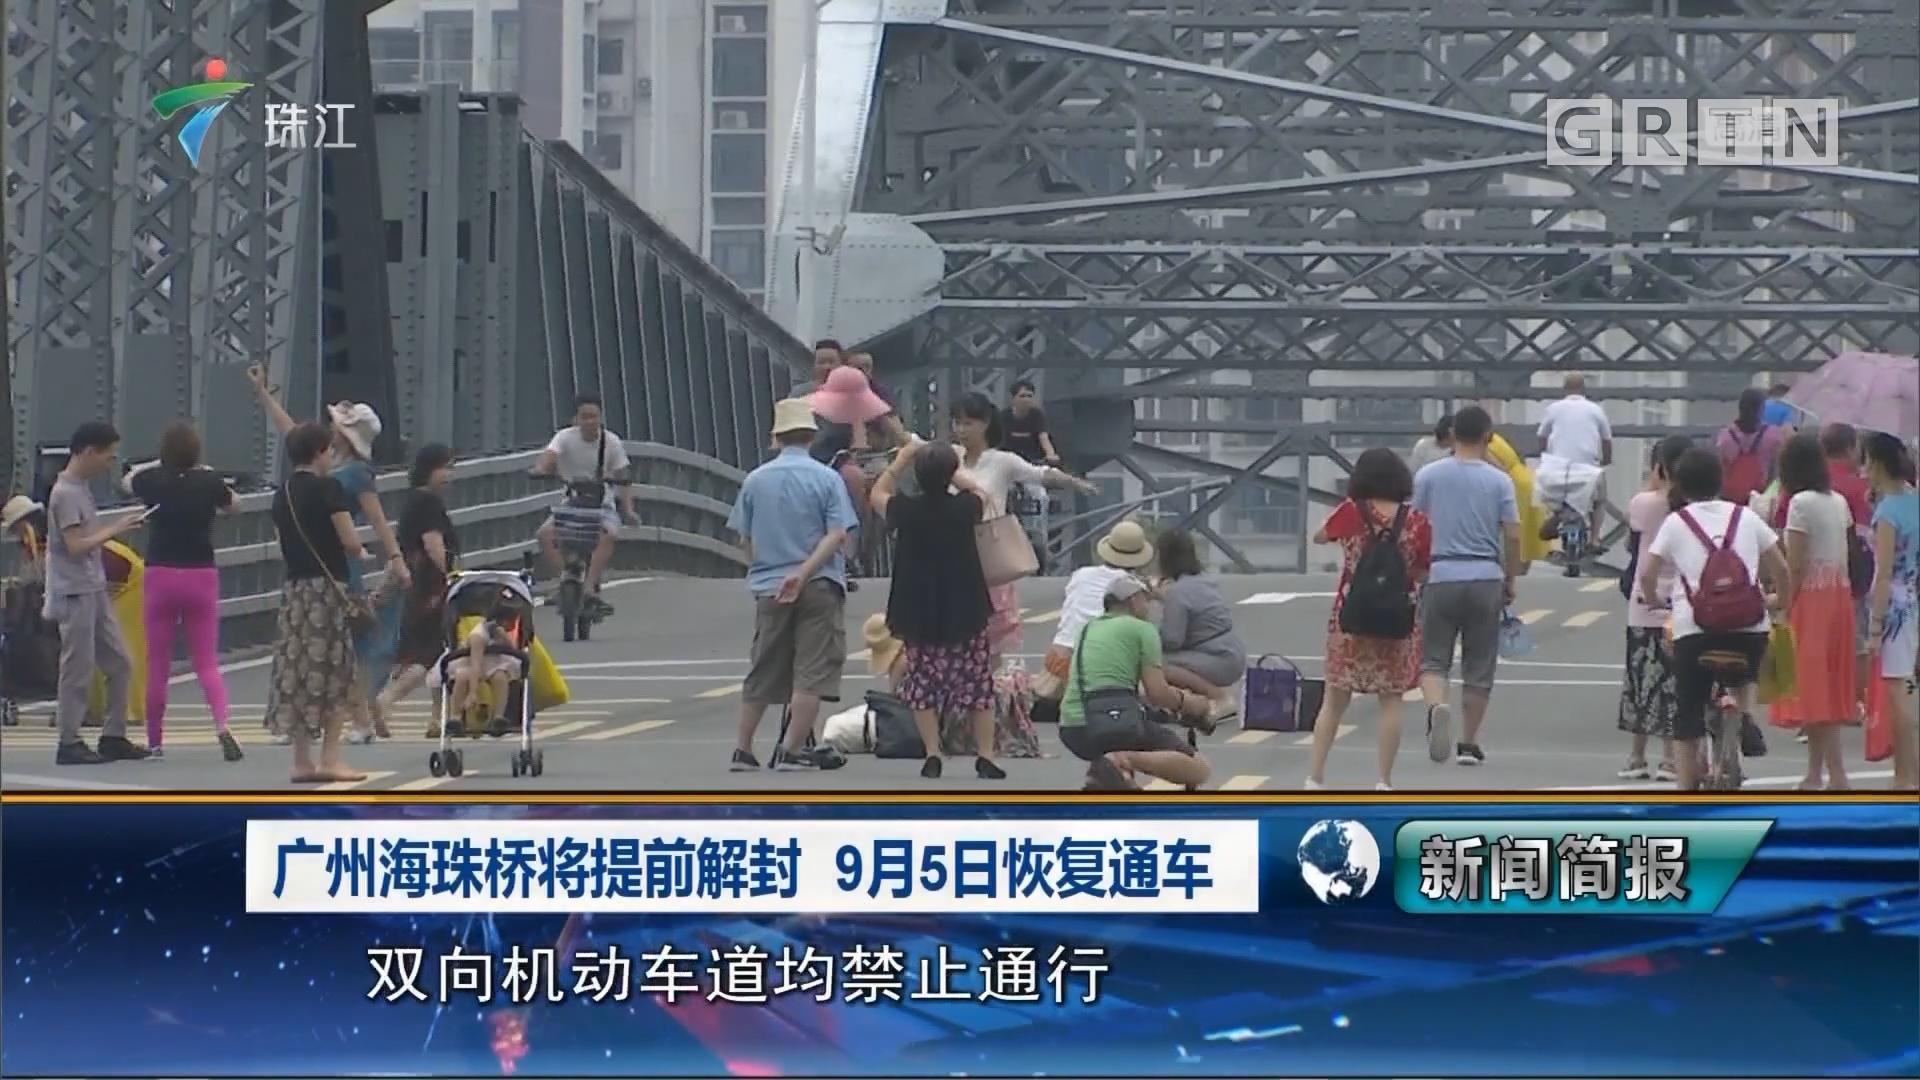 广州海珠桥将提前解封 9月5日恢复通车